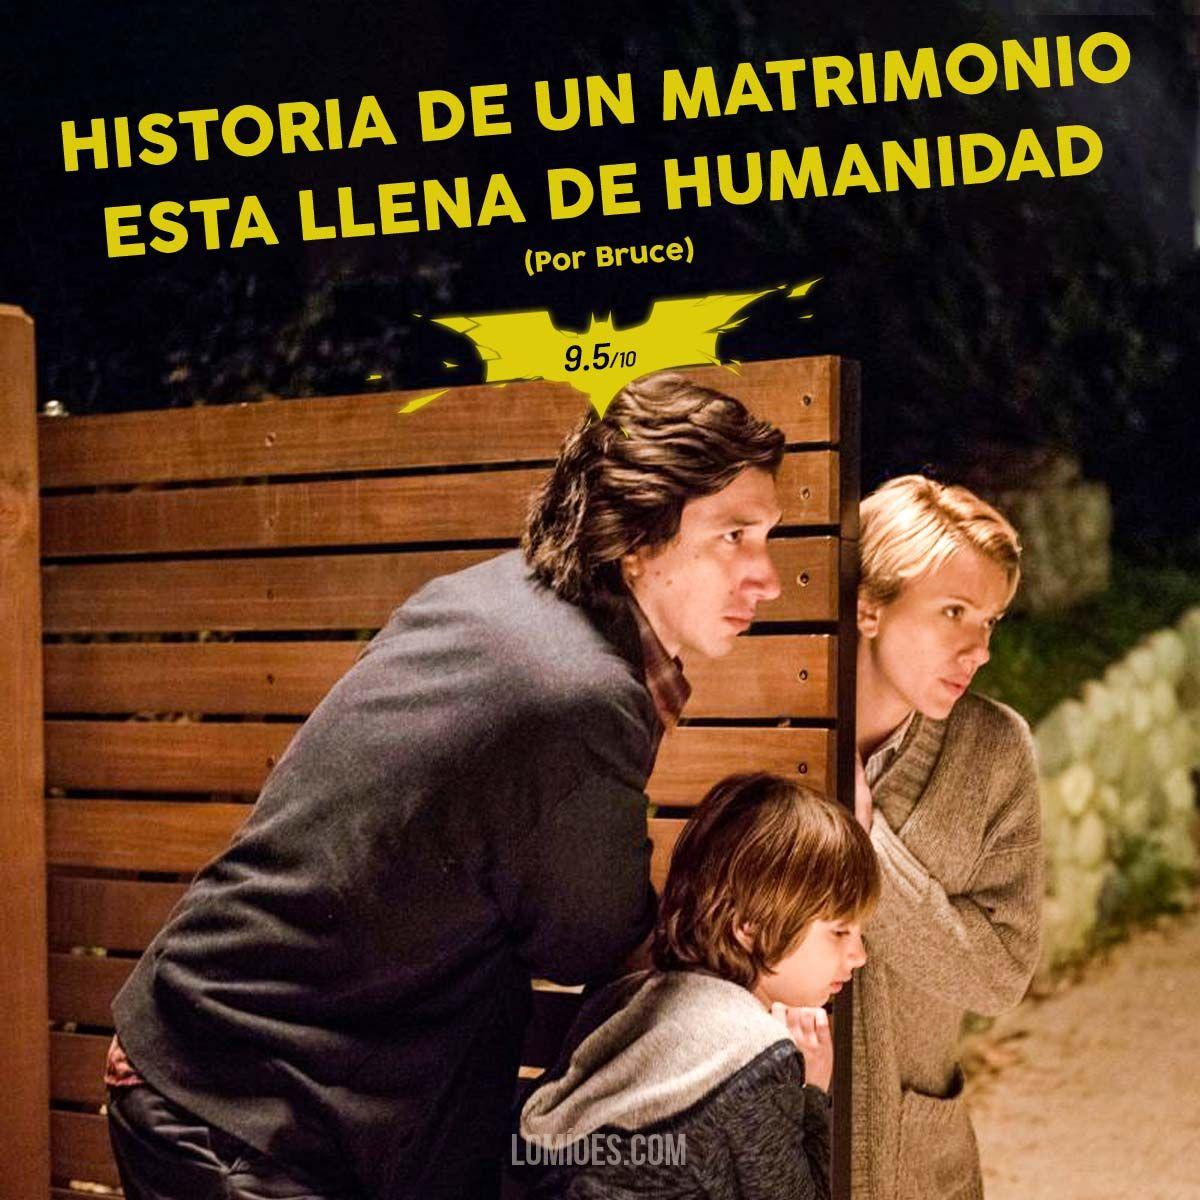 Historia De Un Matrimonio Una Intensa Historia De Noah Baumbach Matrimonio Matrimonio Frases Historia